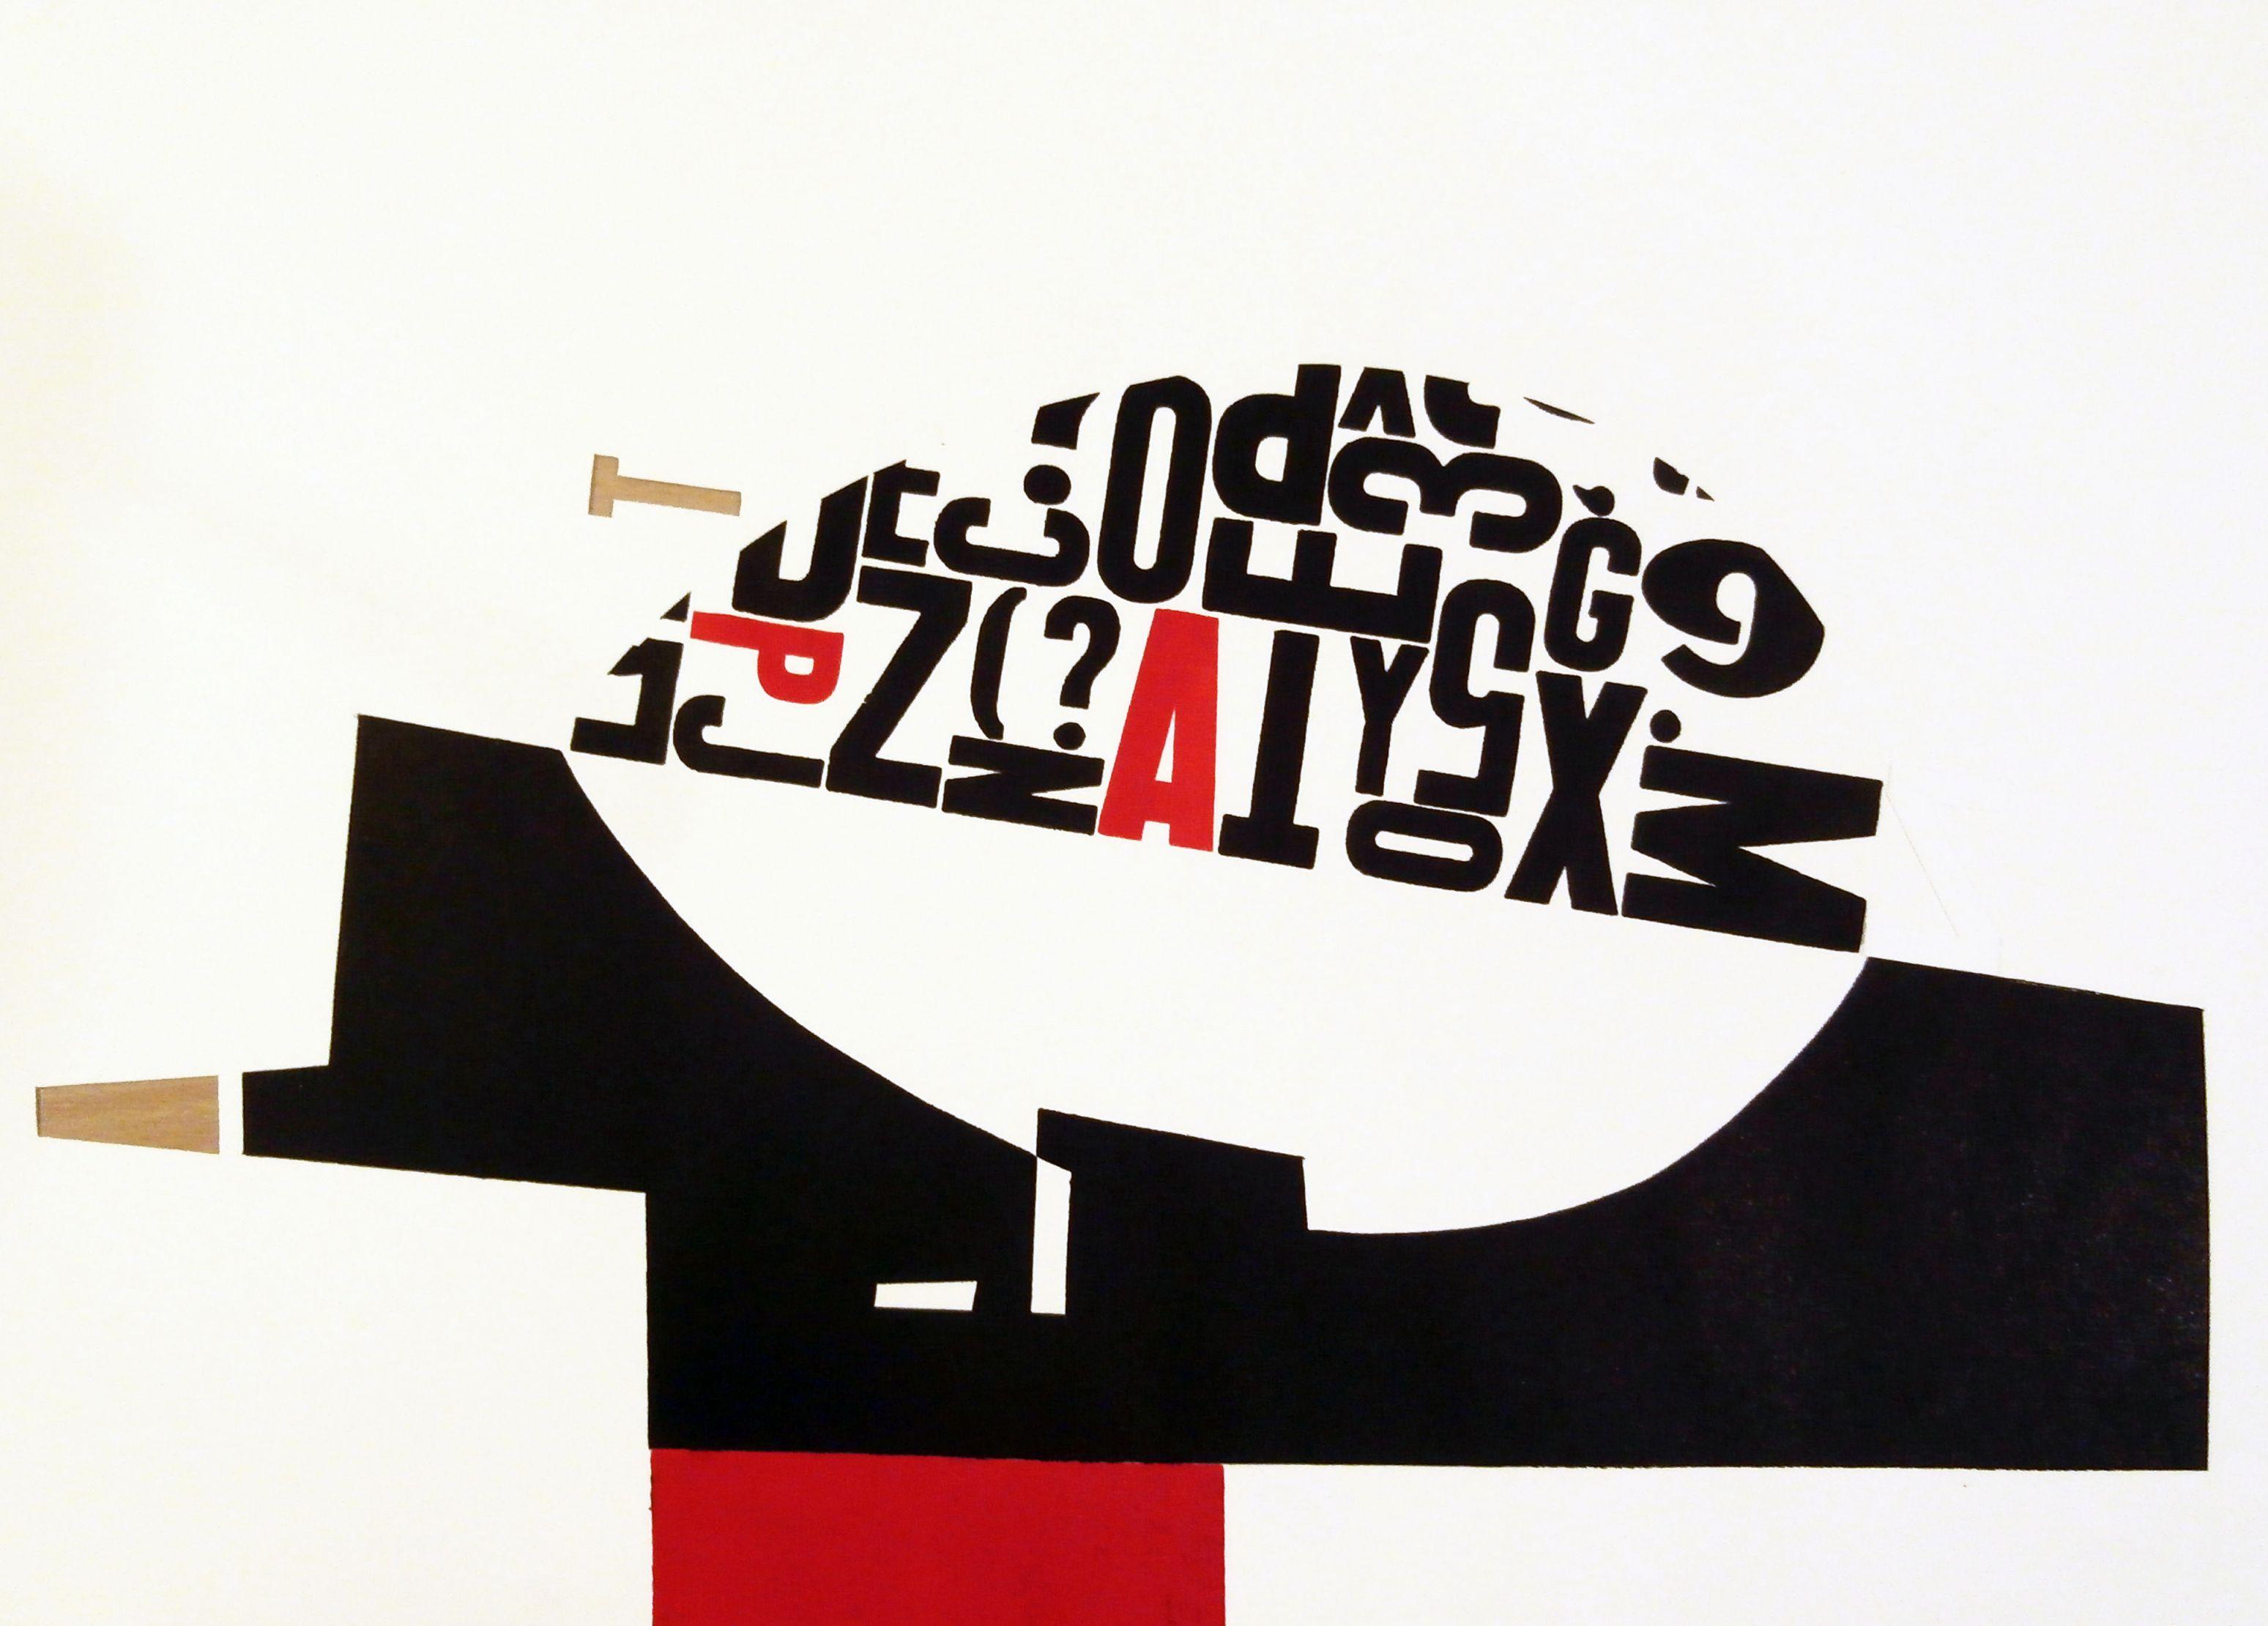 De la A a la Z. CS4 (2016) - Antoni P. Vidal